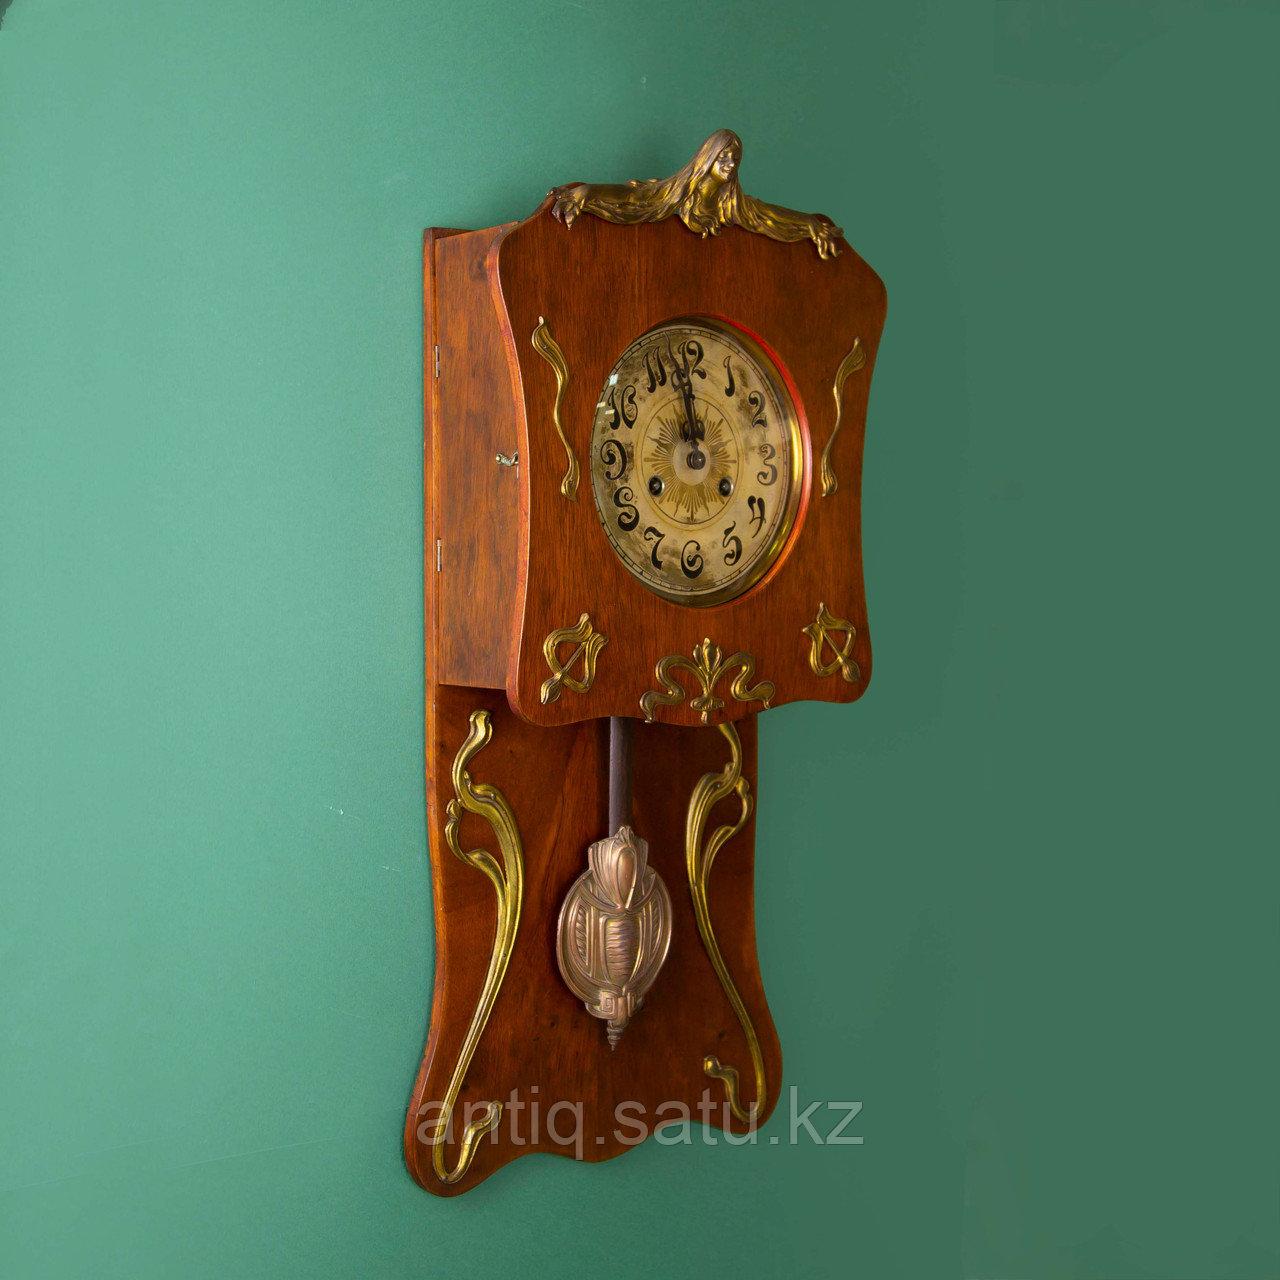 Редкие часы в стиле Ар Нуво. Часовая мастерская Junghans Германия. 1920-1930 годы. - фото 2